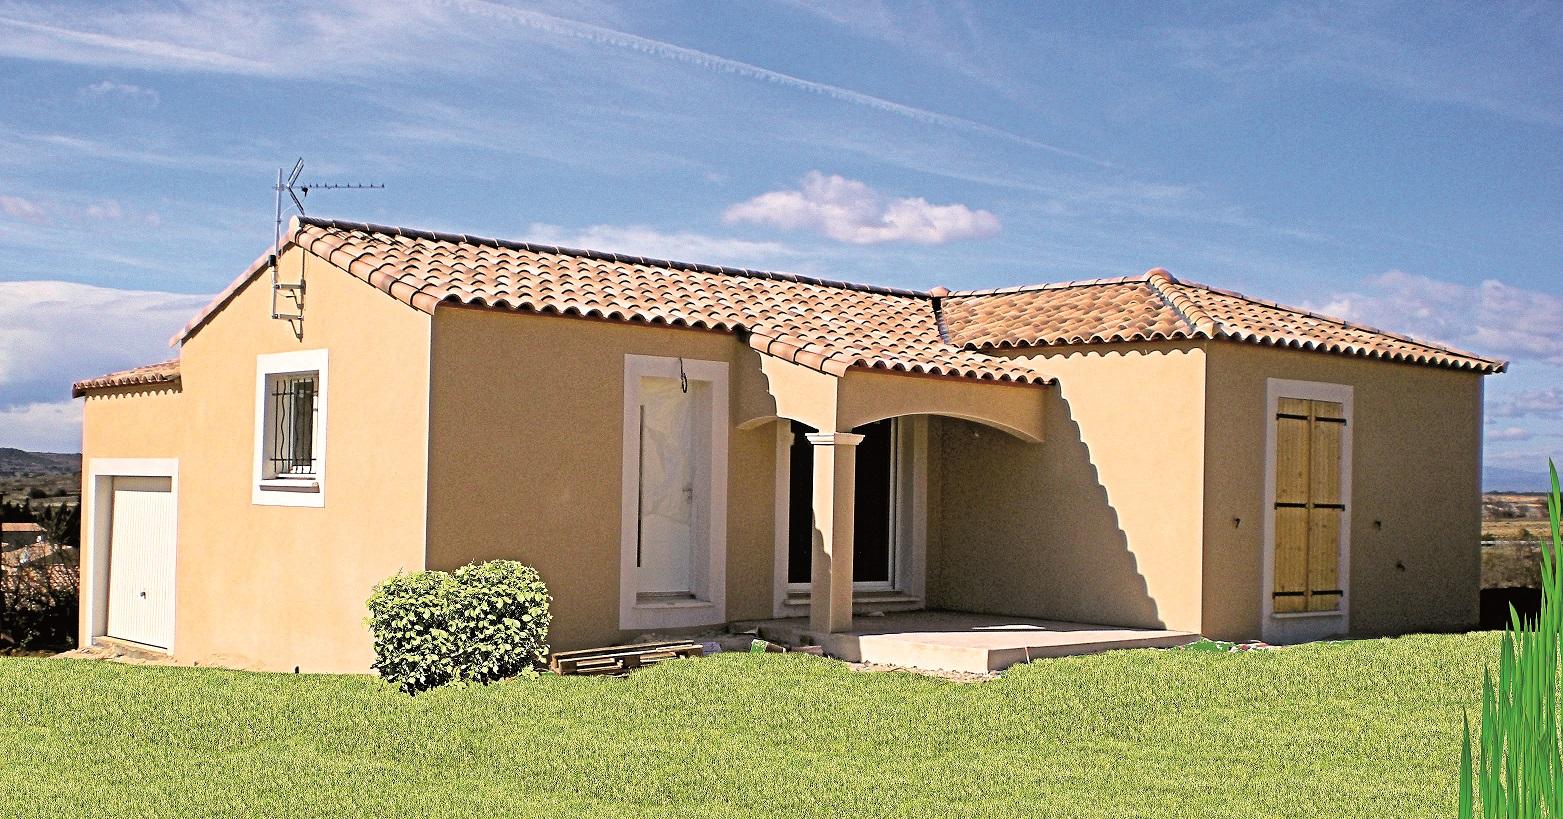 Maisons + Terrains du constructeur VILLADIRECT LE PONTET • 98 m² • VAISON LA ROMAINE